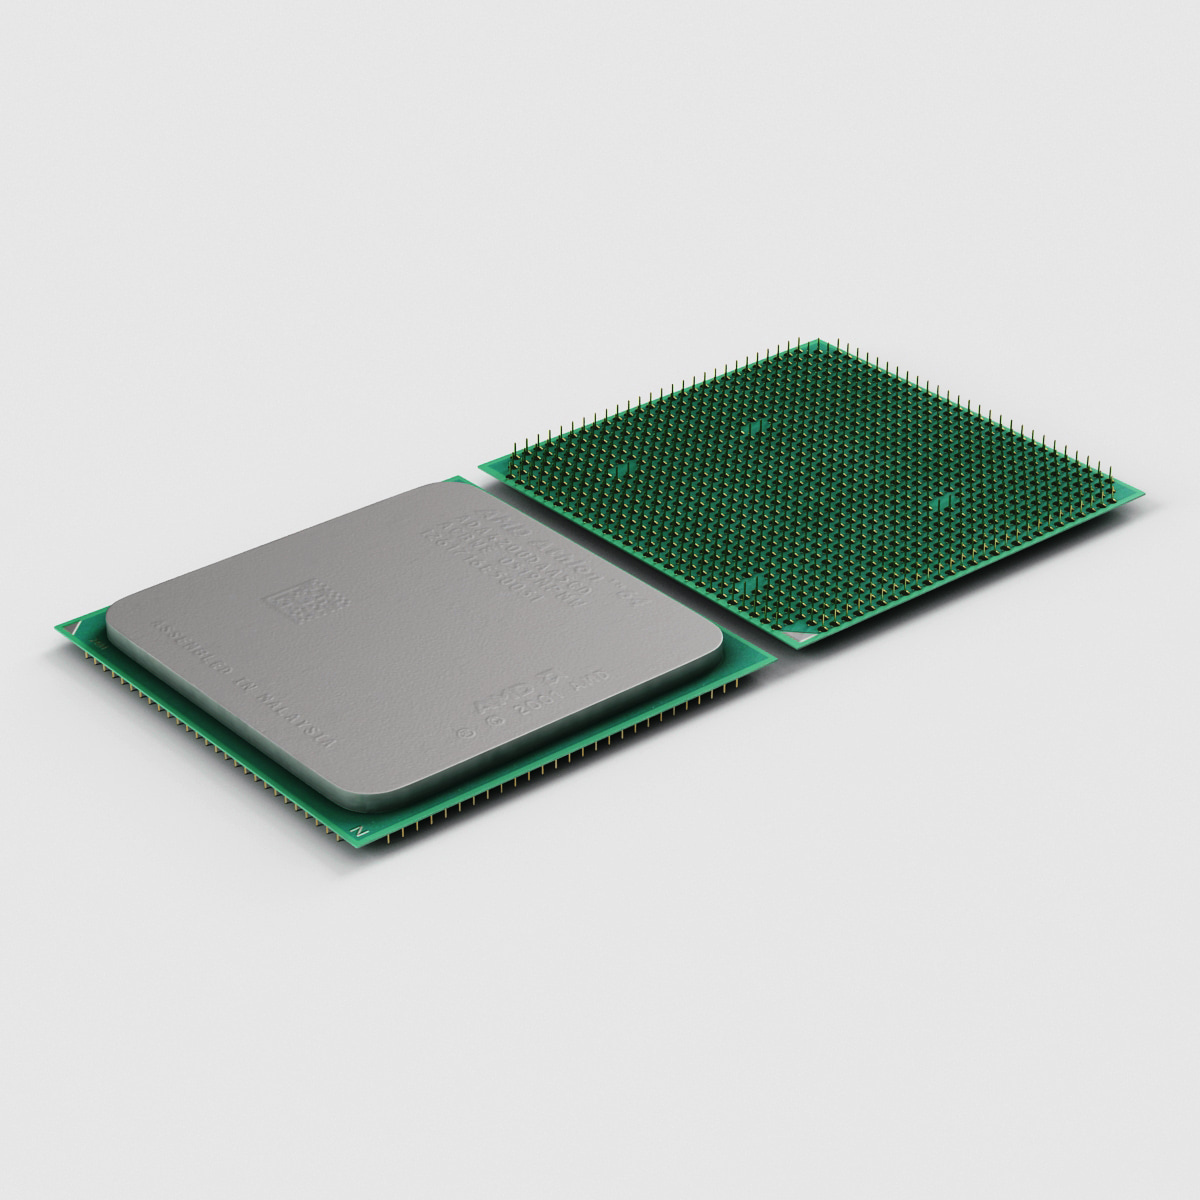 Athlon_64_X2_4200_00.jpg